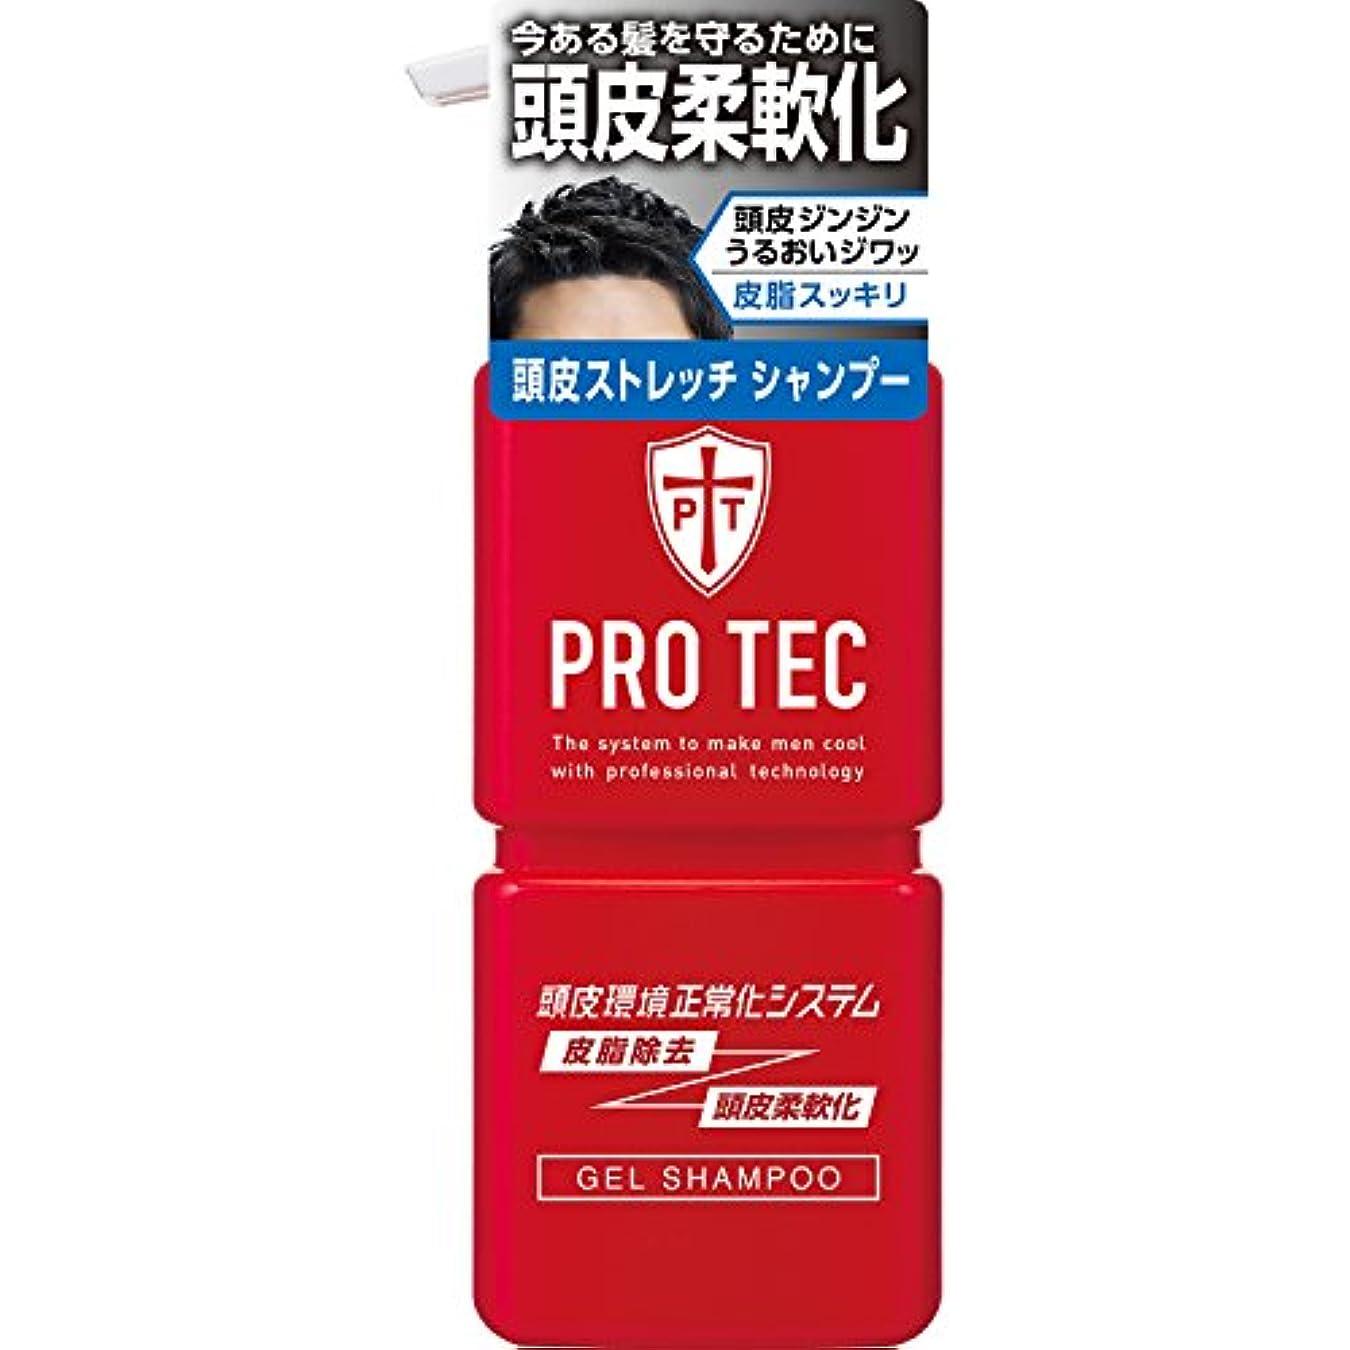 少ない暴君徹底的にPRO TEC(プロテク) 頭皮ストレッチ シャンプー 本体ポンプ 300g(医薬部外品)